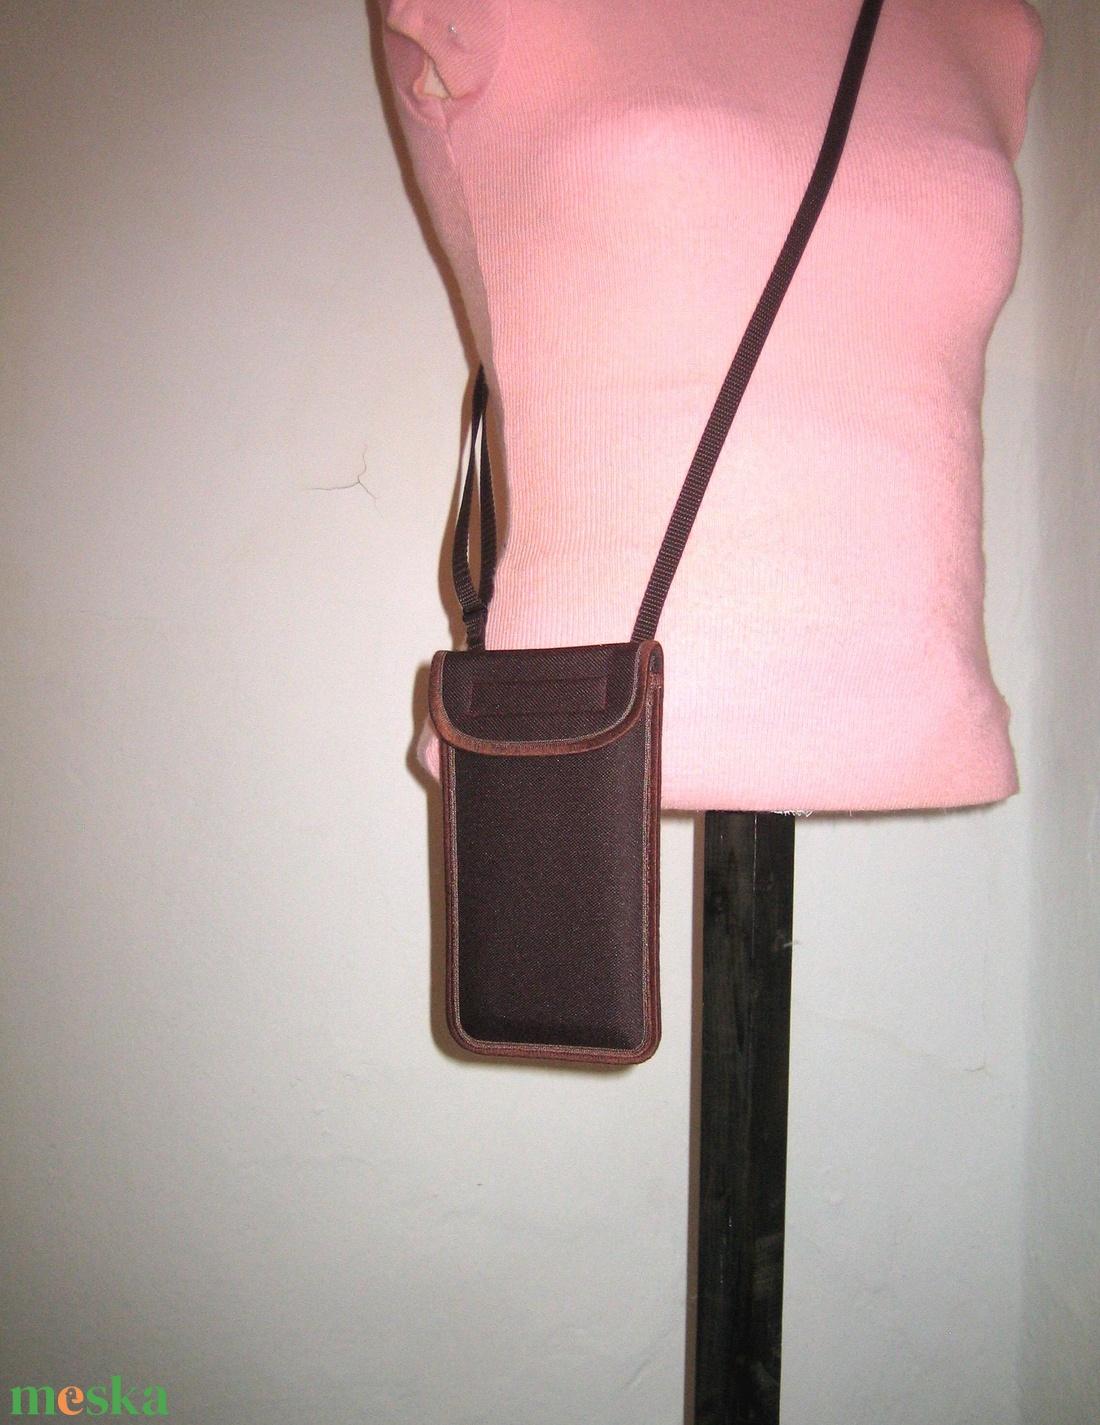 Vízhatlan mobiltok  Plus-os méretű telefonokhoz  állítható pántos kistáska - táska & tok - pénztárca & más tok - telefontok - Meska.hu